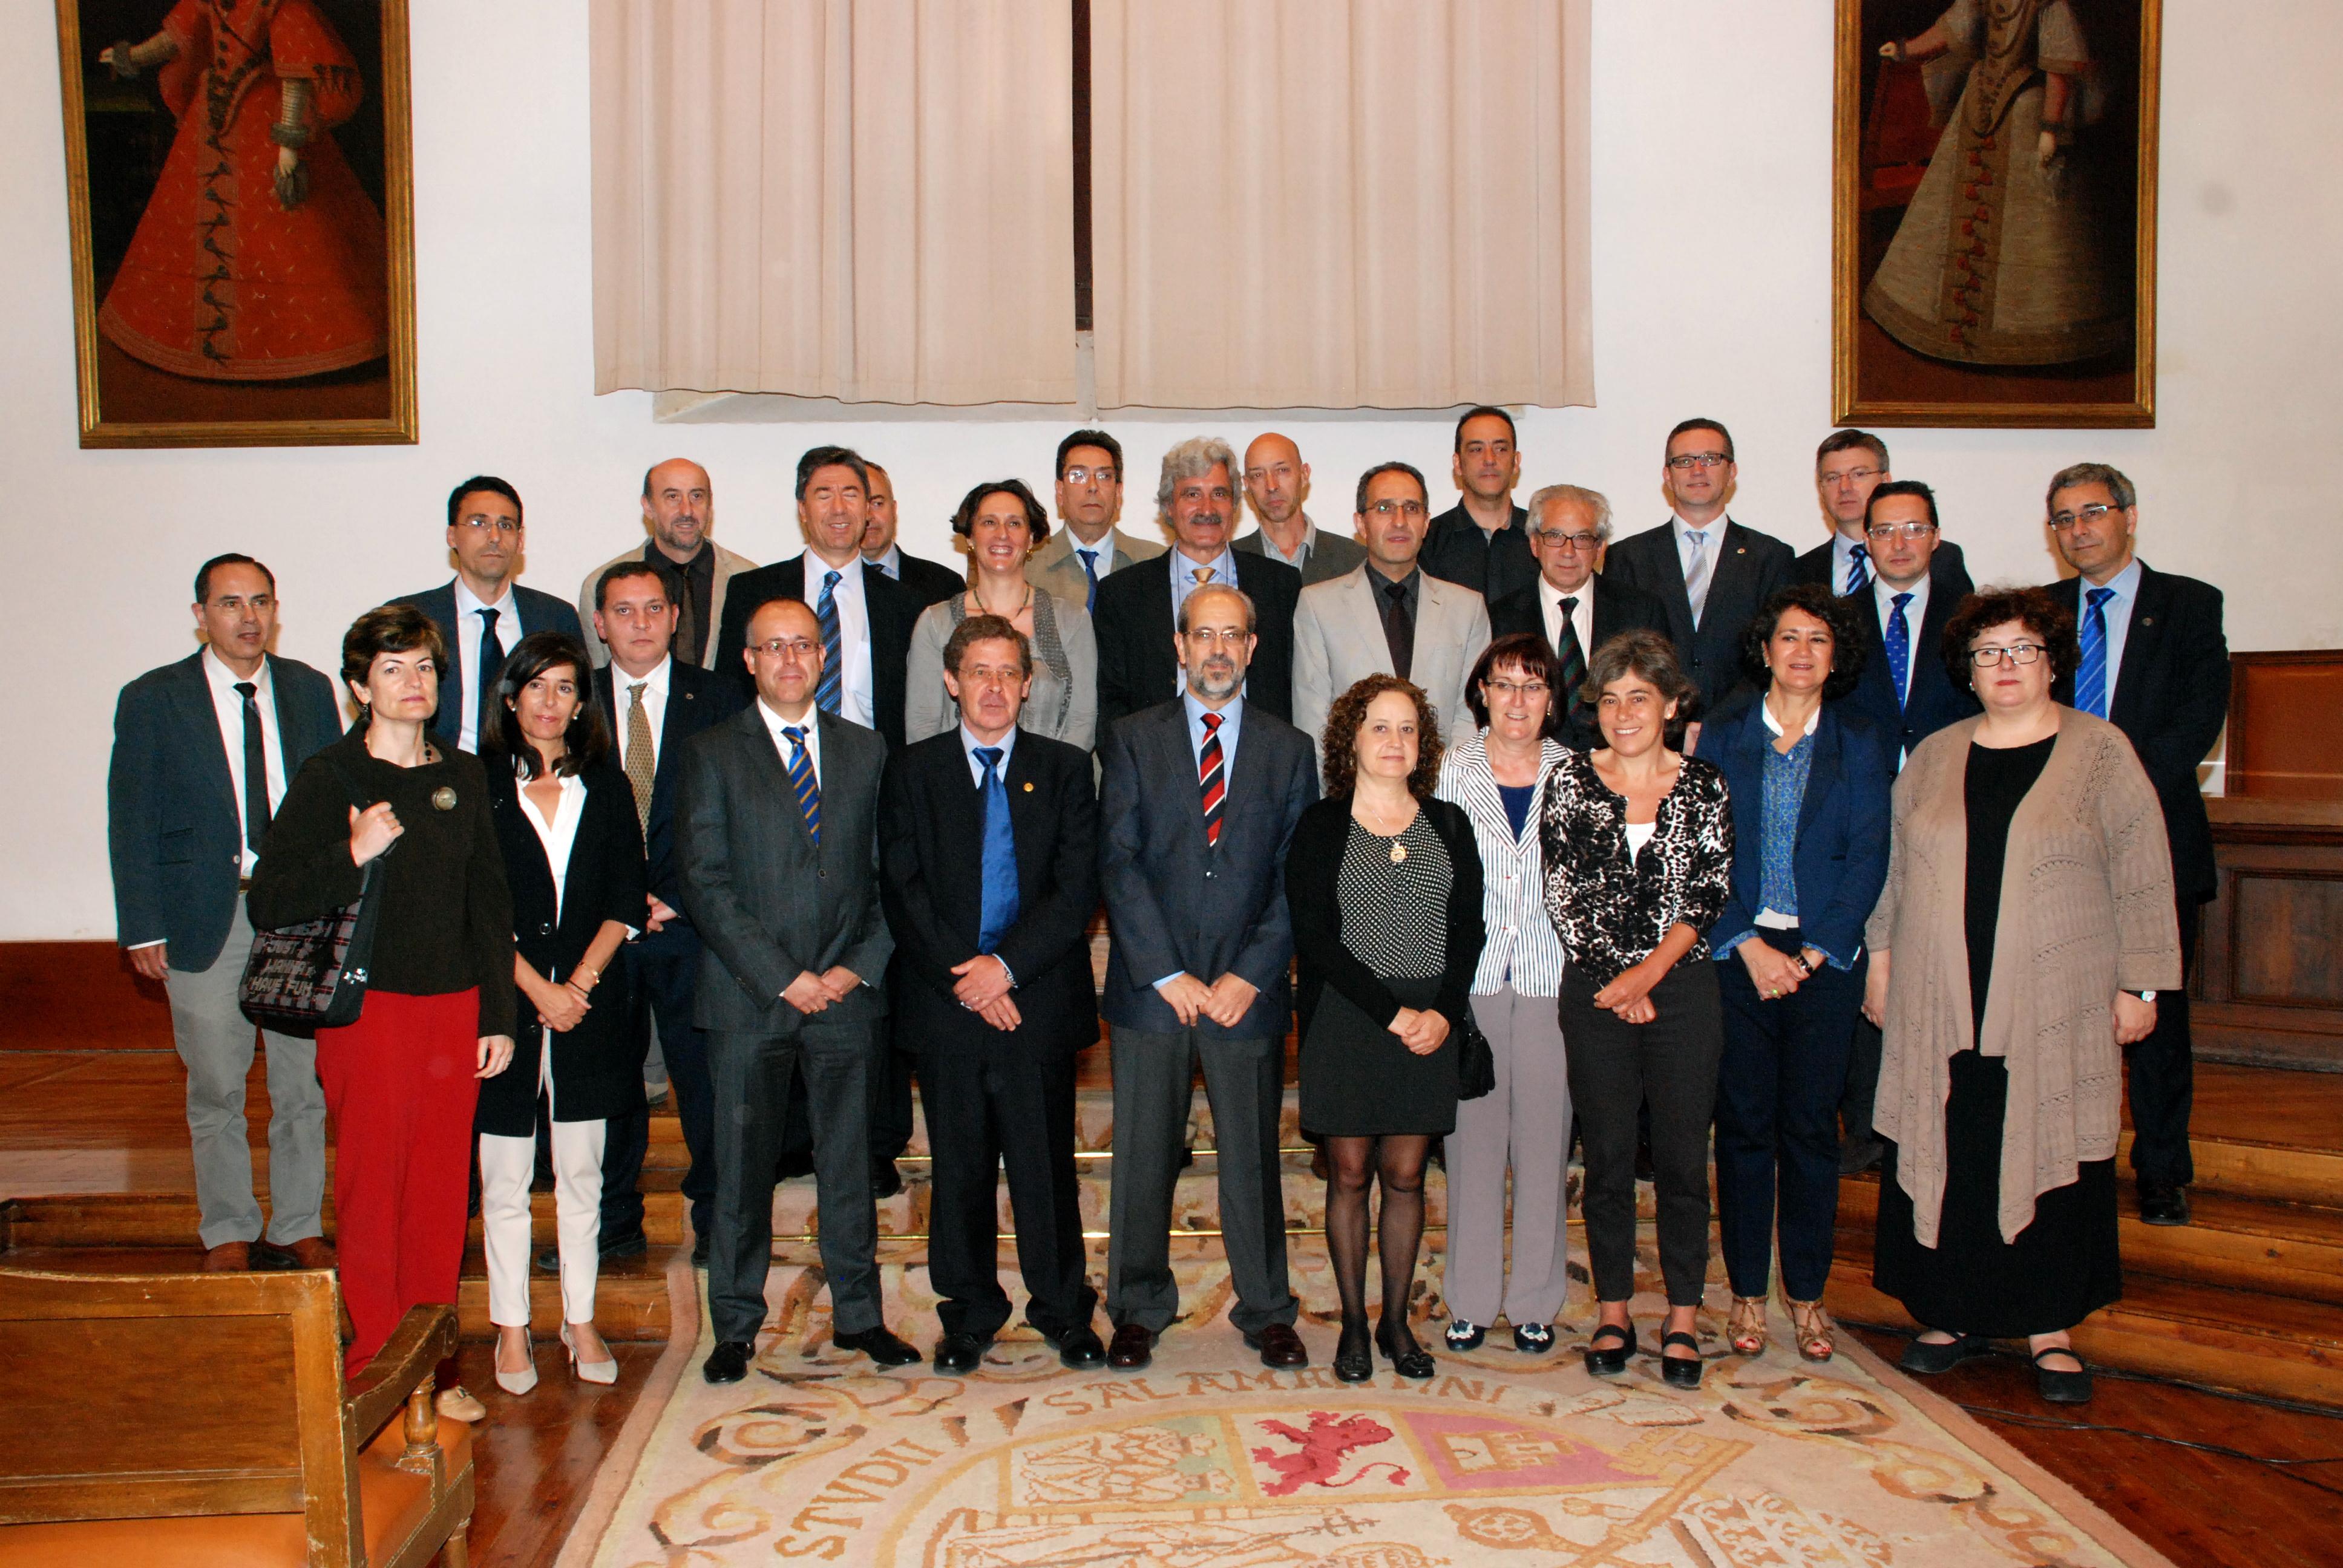 El rector preside la toma de posesión de cargos académicos y personal docente e investigador de la Universidad de Salamanca